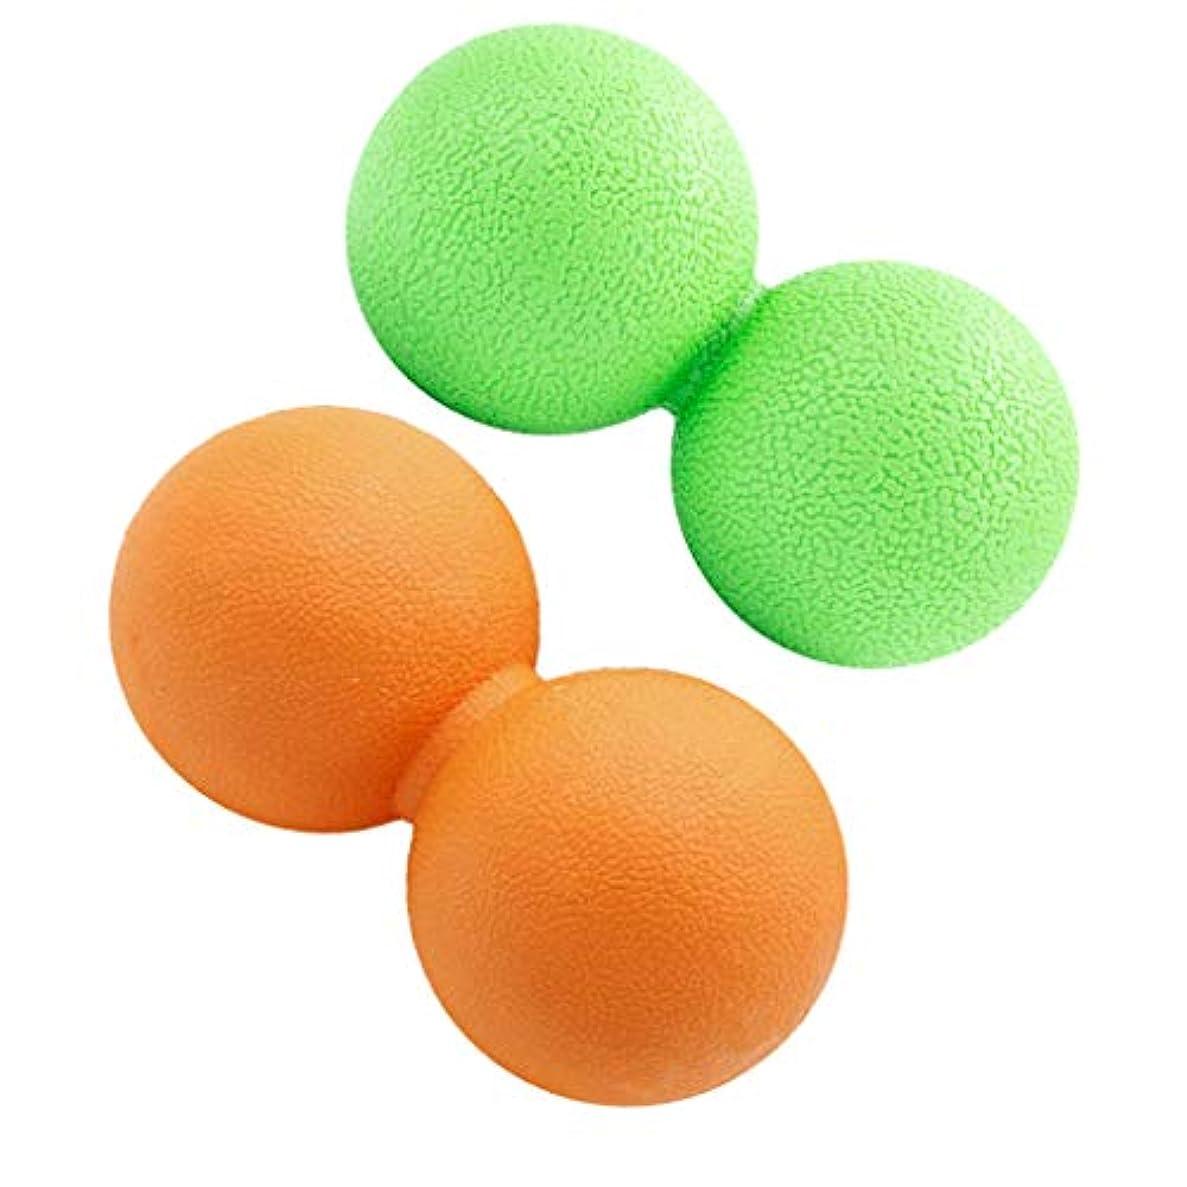 割り込み代数物理的な2個 マッサージボール ピーナッツ 疲れ解消ボール トリガーポイント 筋膜リリース ツボ押しグッズ